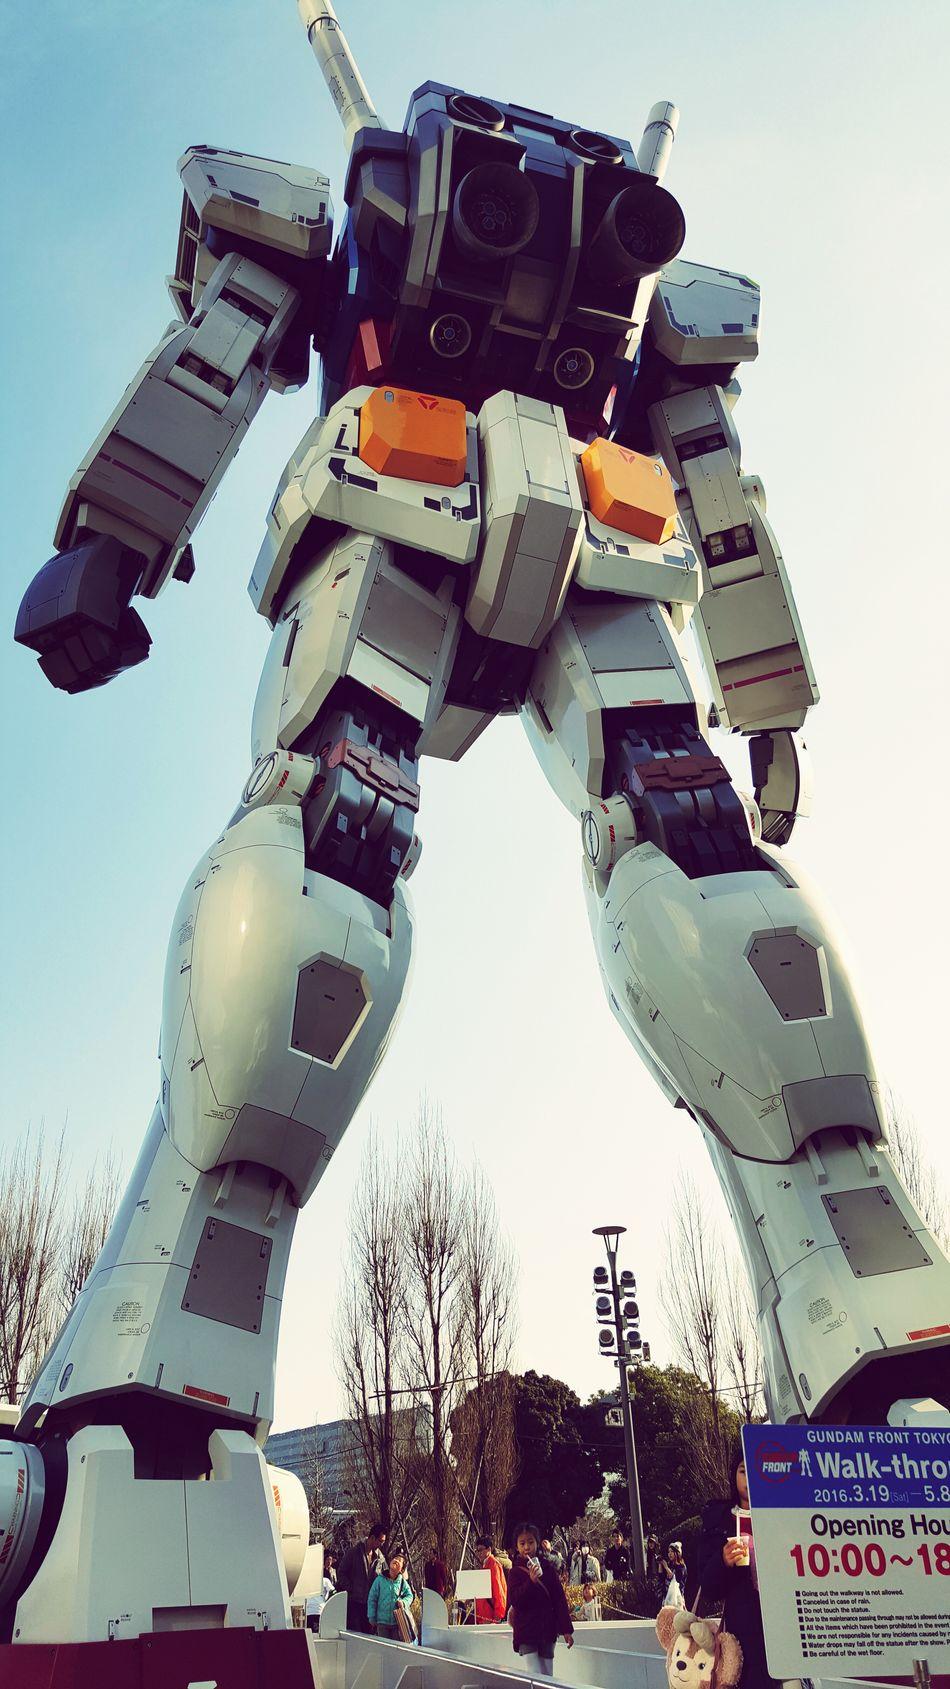 숨막히는 뒷태. 내가 이걸 직접보게 되다니! Gundam Front Tokyo